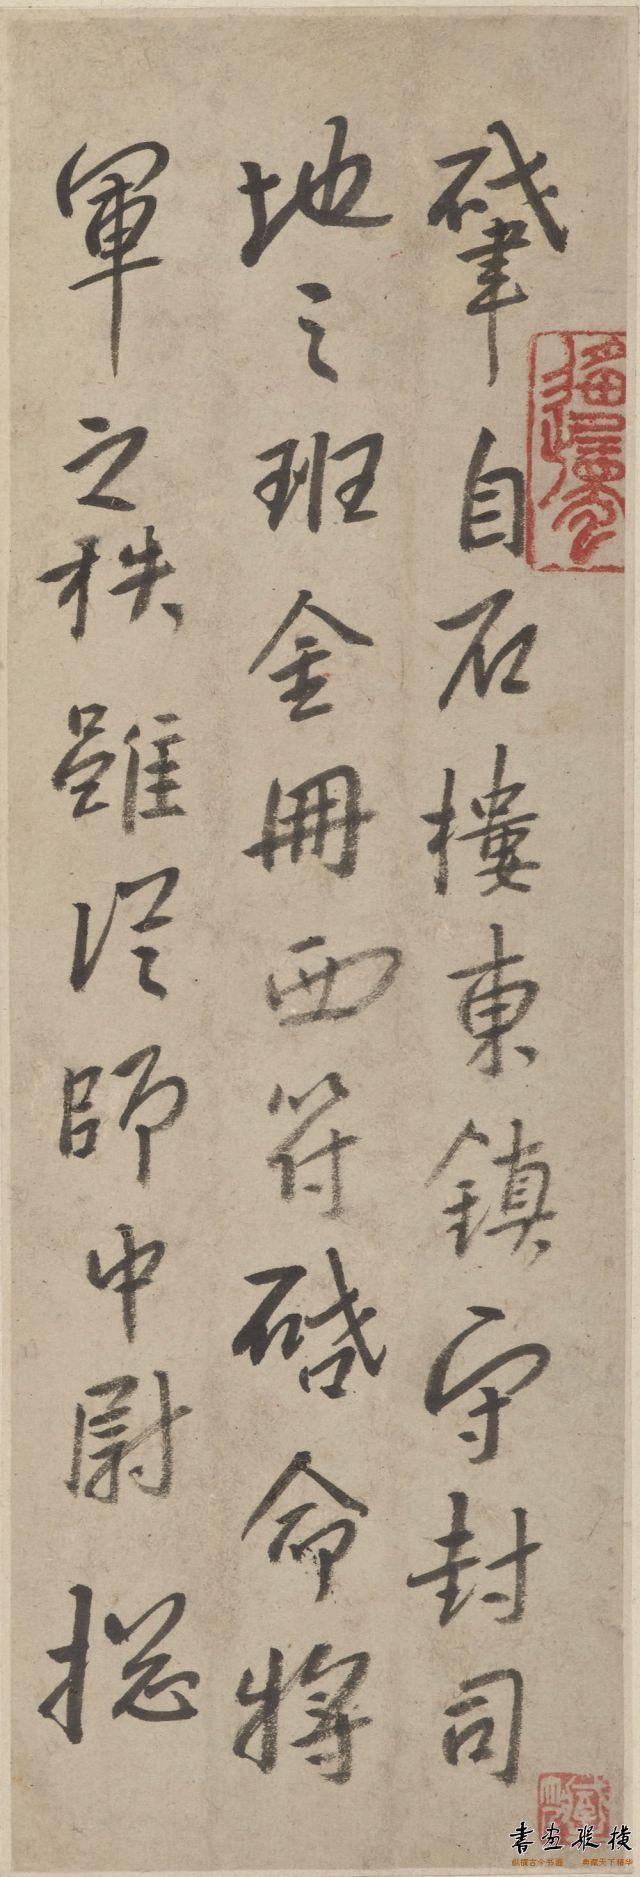 清 朱耷 半截碑真迹 美国弗利尔美术馆藏 局部